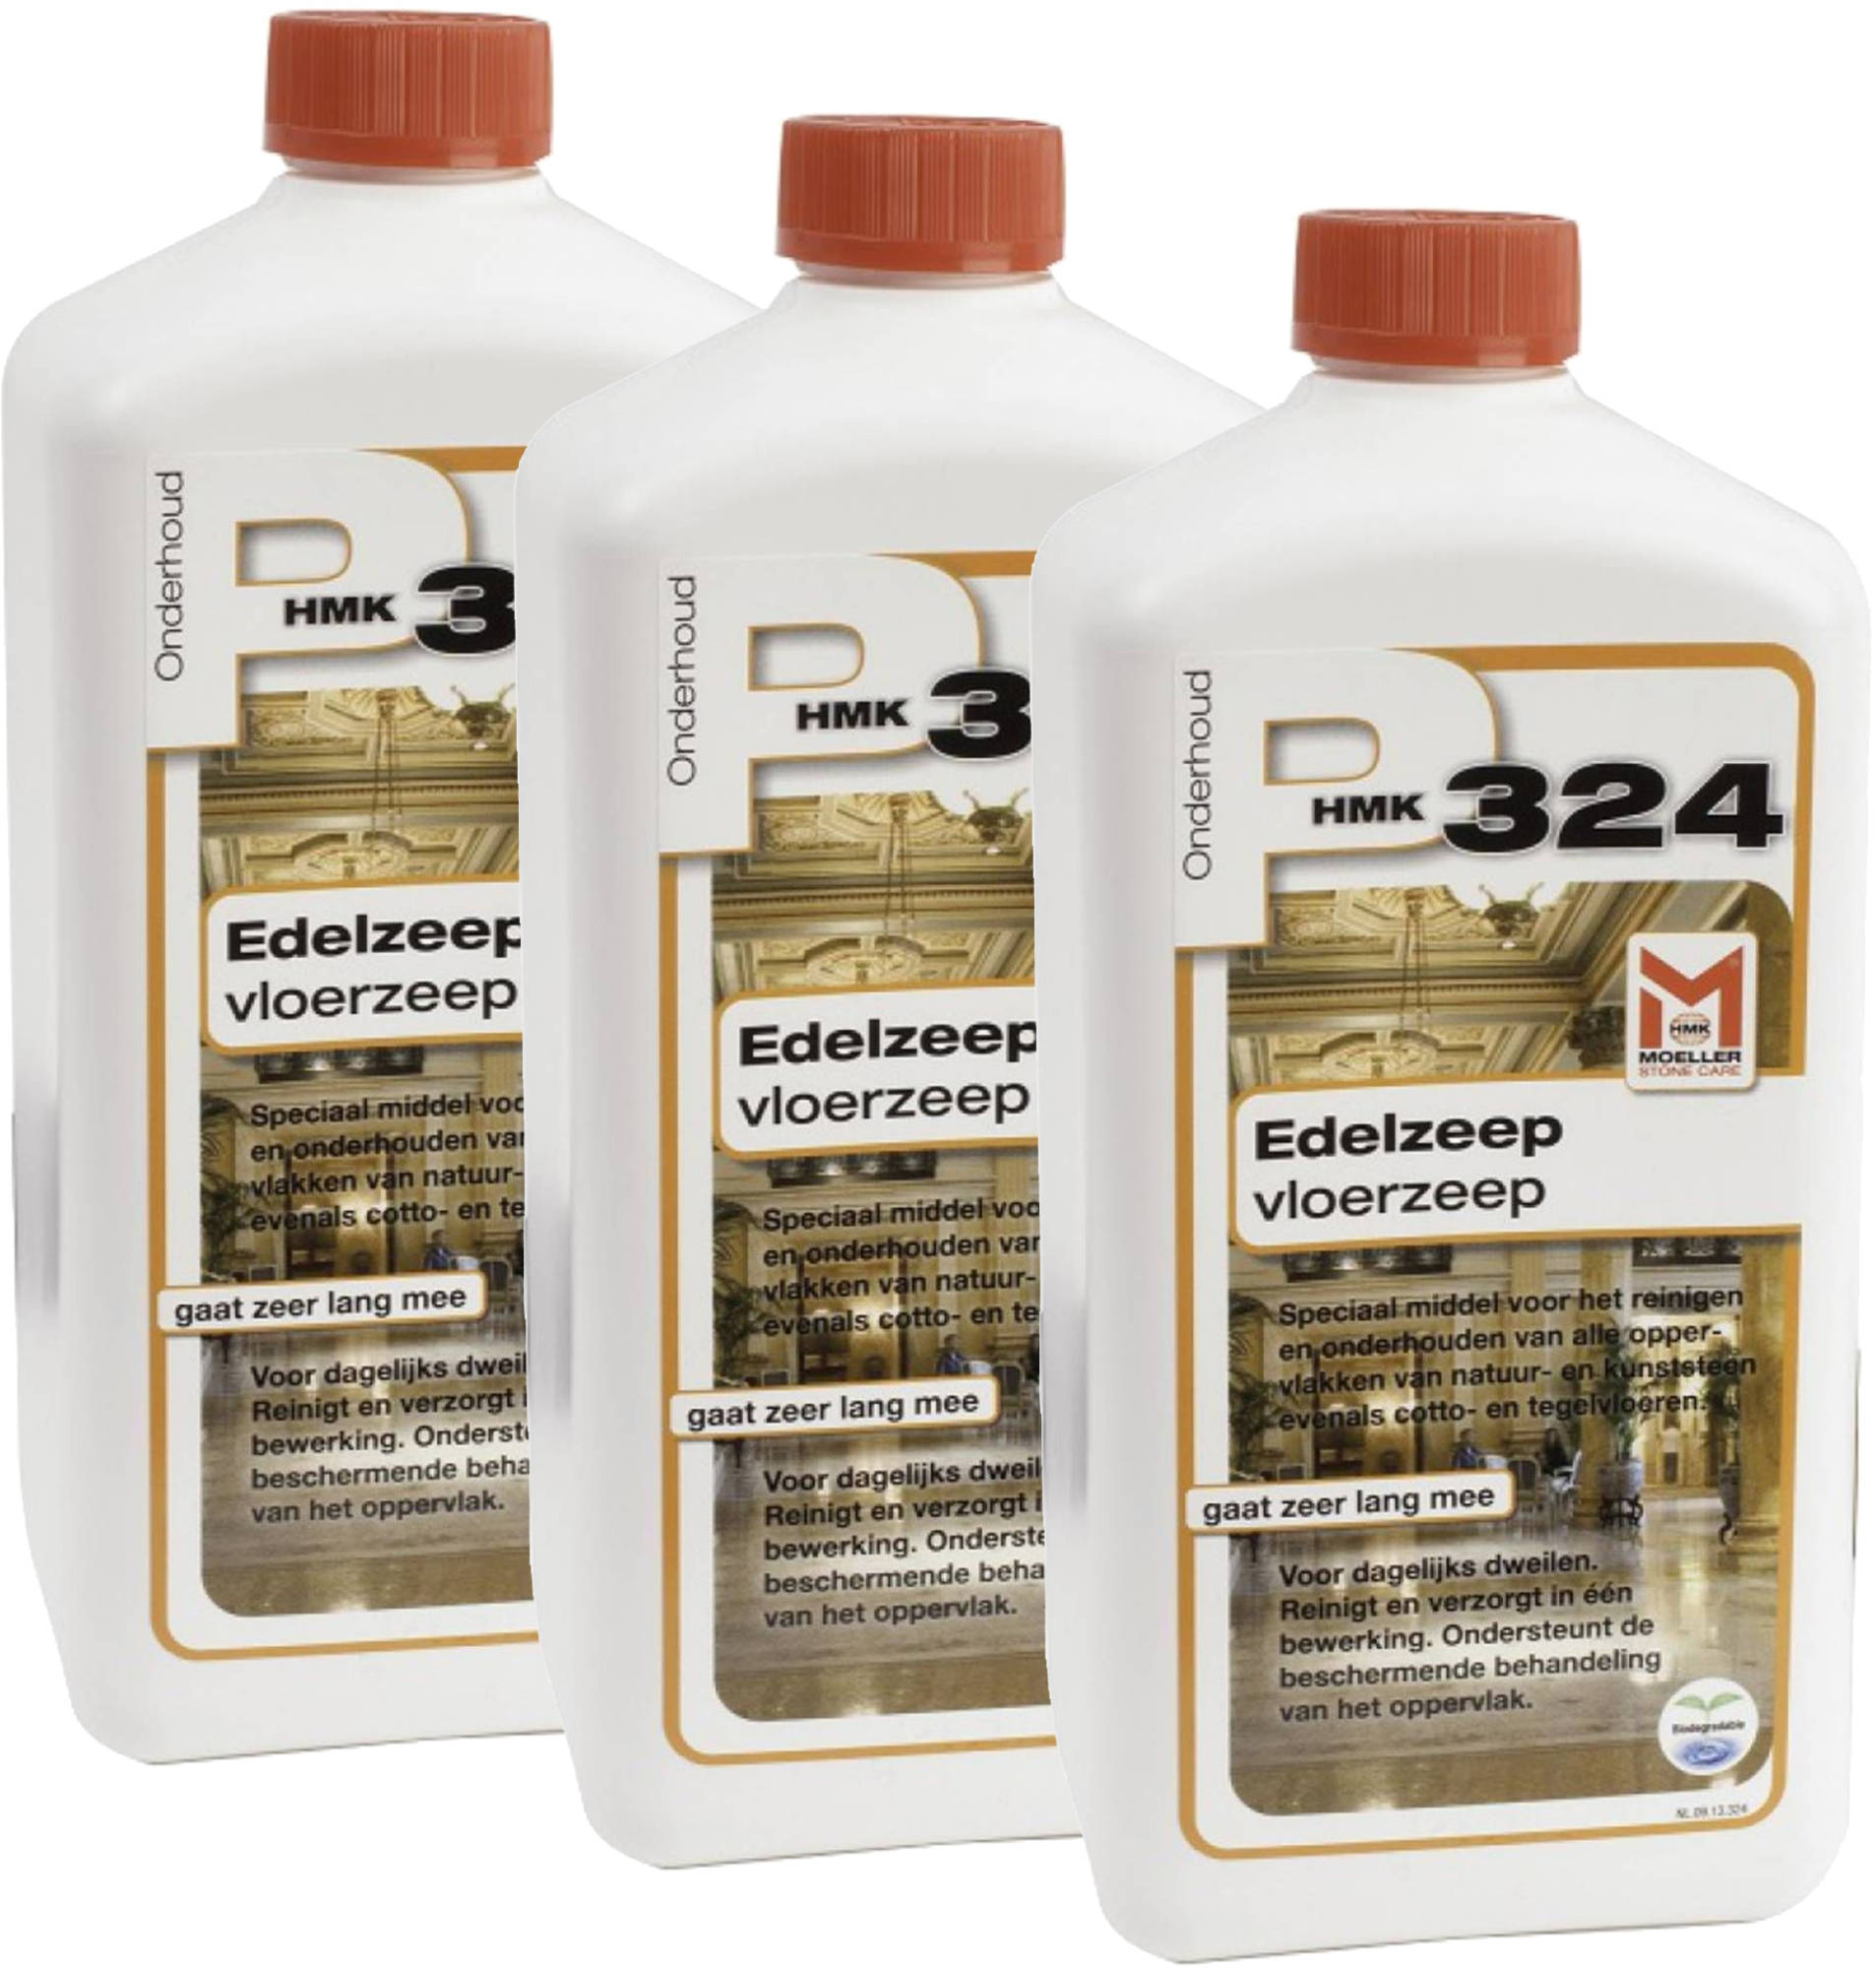 Dagaanbieding - HMK P324 3-pack Edelzeep voor de vloer (totaal 3 liter) dagelijkse koopjes